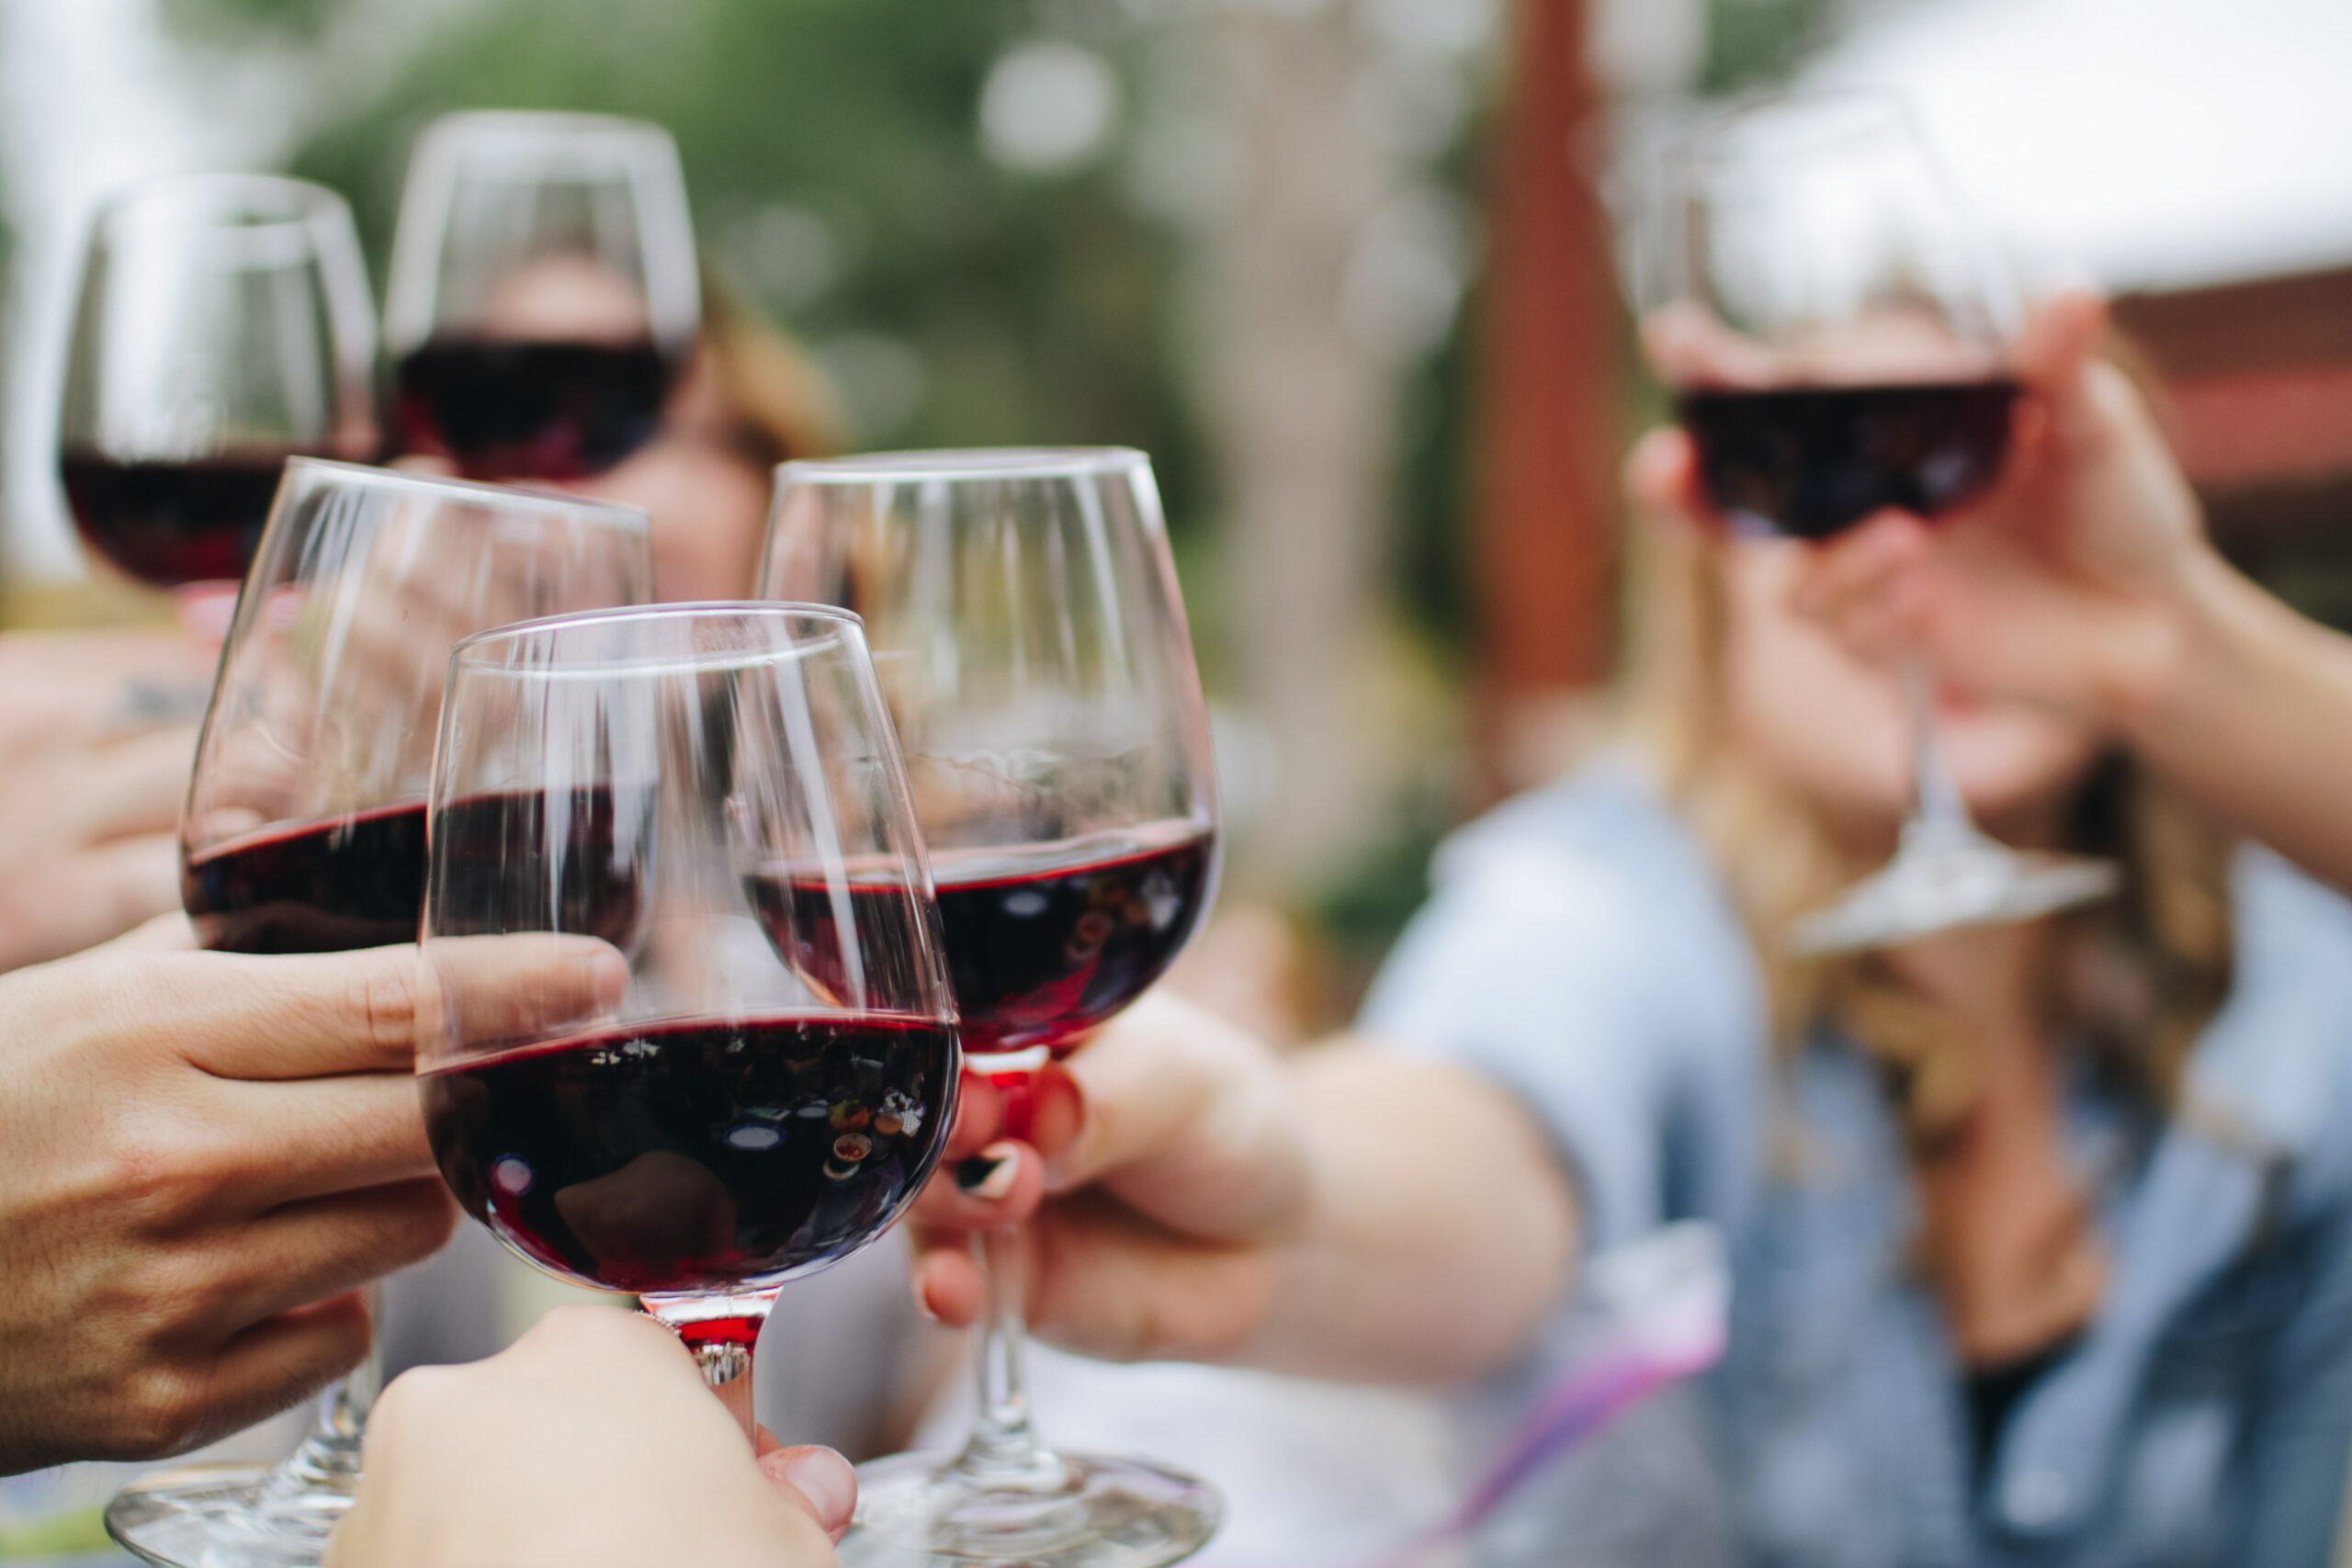 Mulheres lideram posts sobre vinhos no segundo semestre de 2020